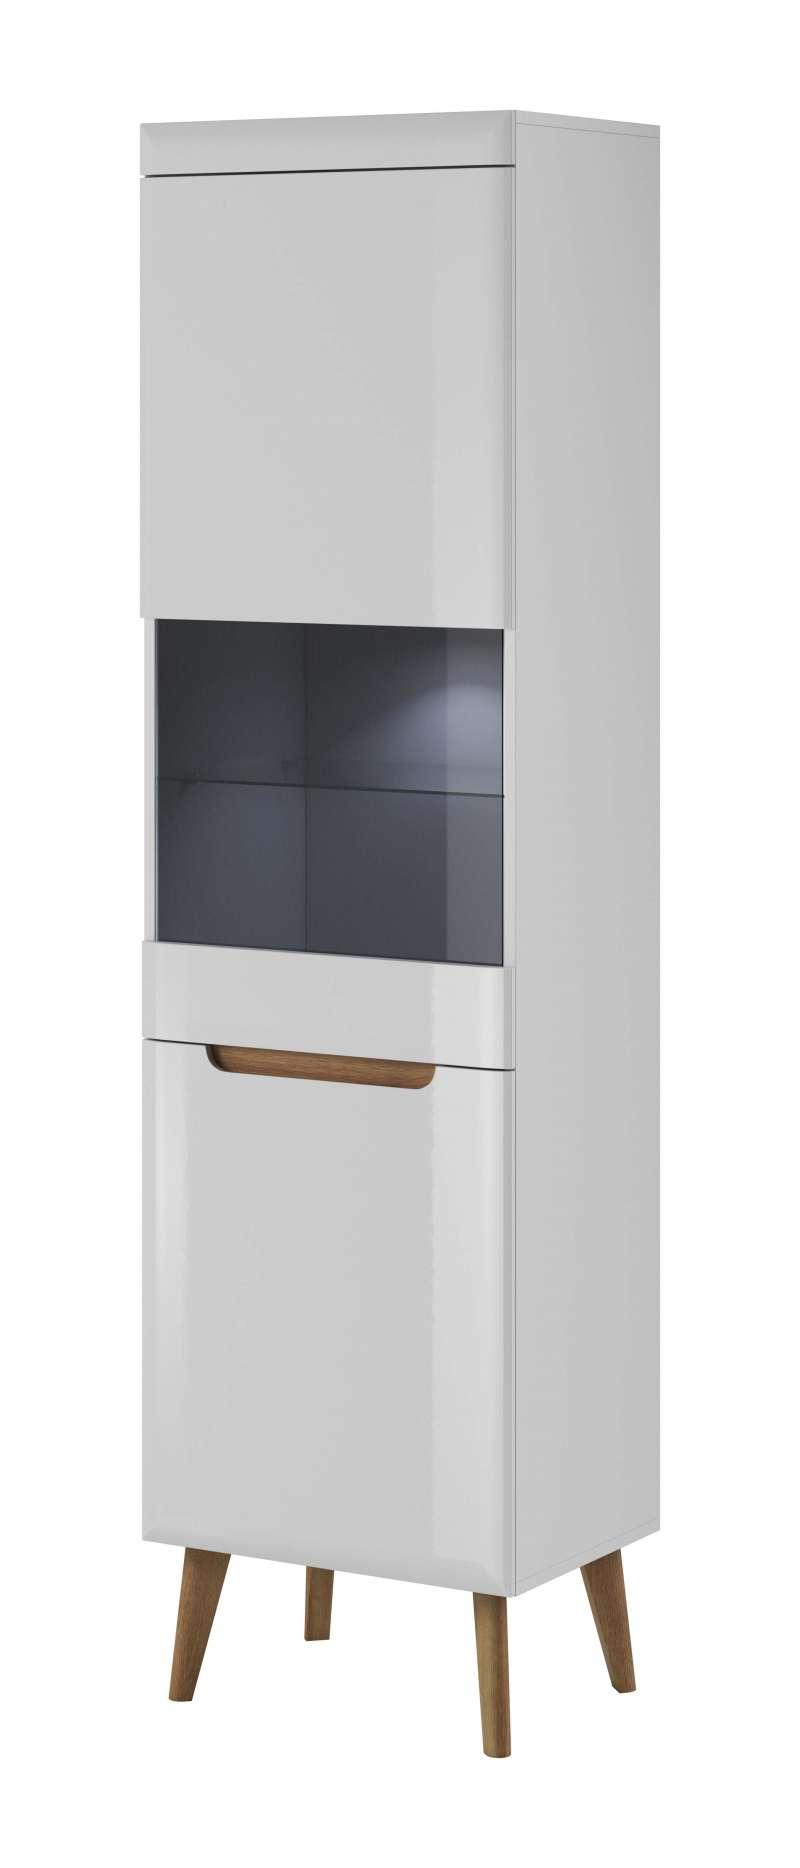 Vitrină înaltă cu uși Alix, 197x53x40 cm, pal/ mdf/ lemn de stejar/sticla, maro/ alb poza